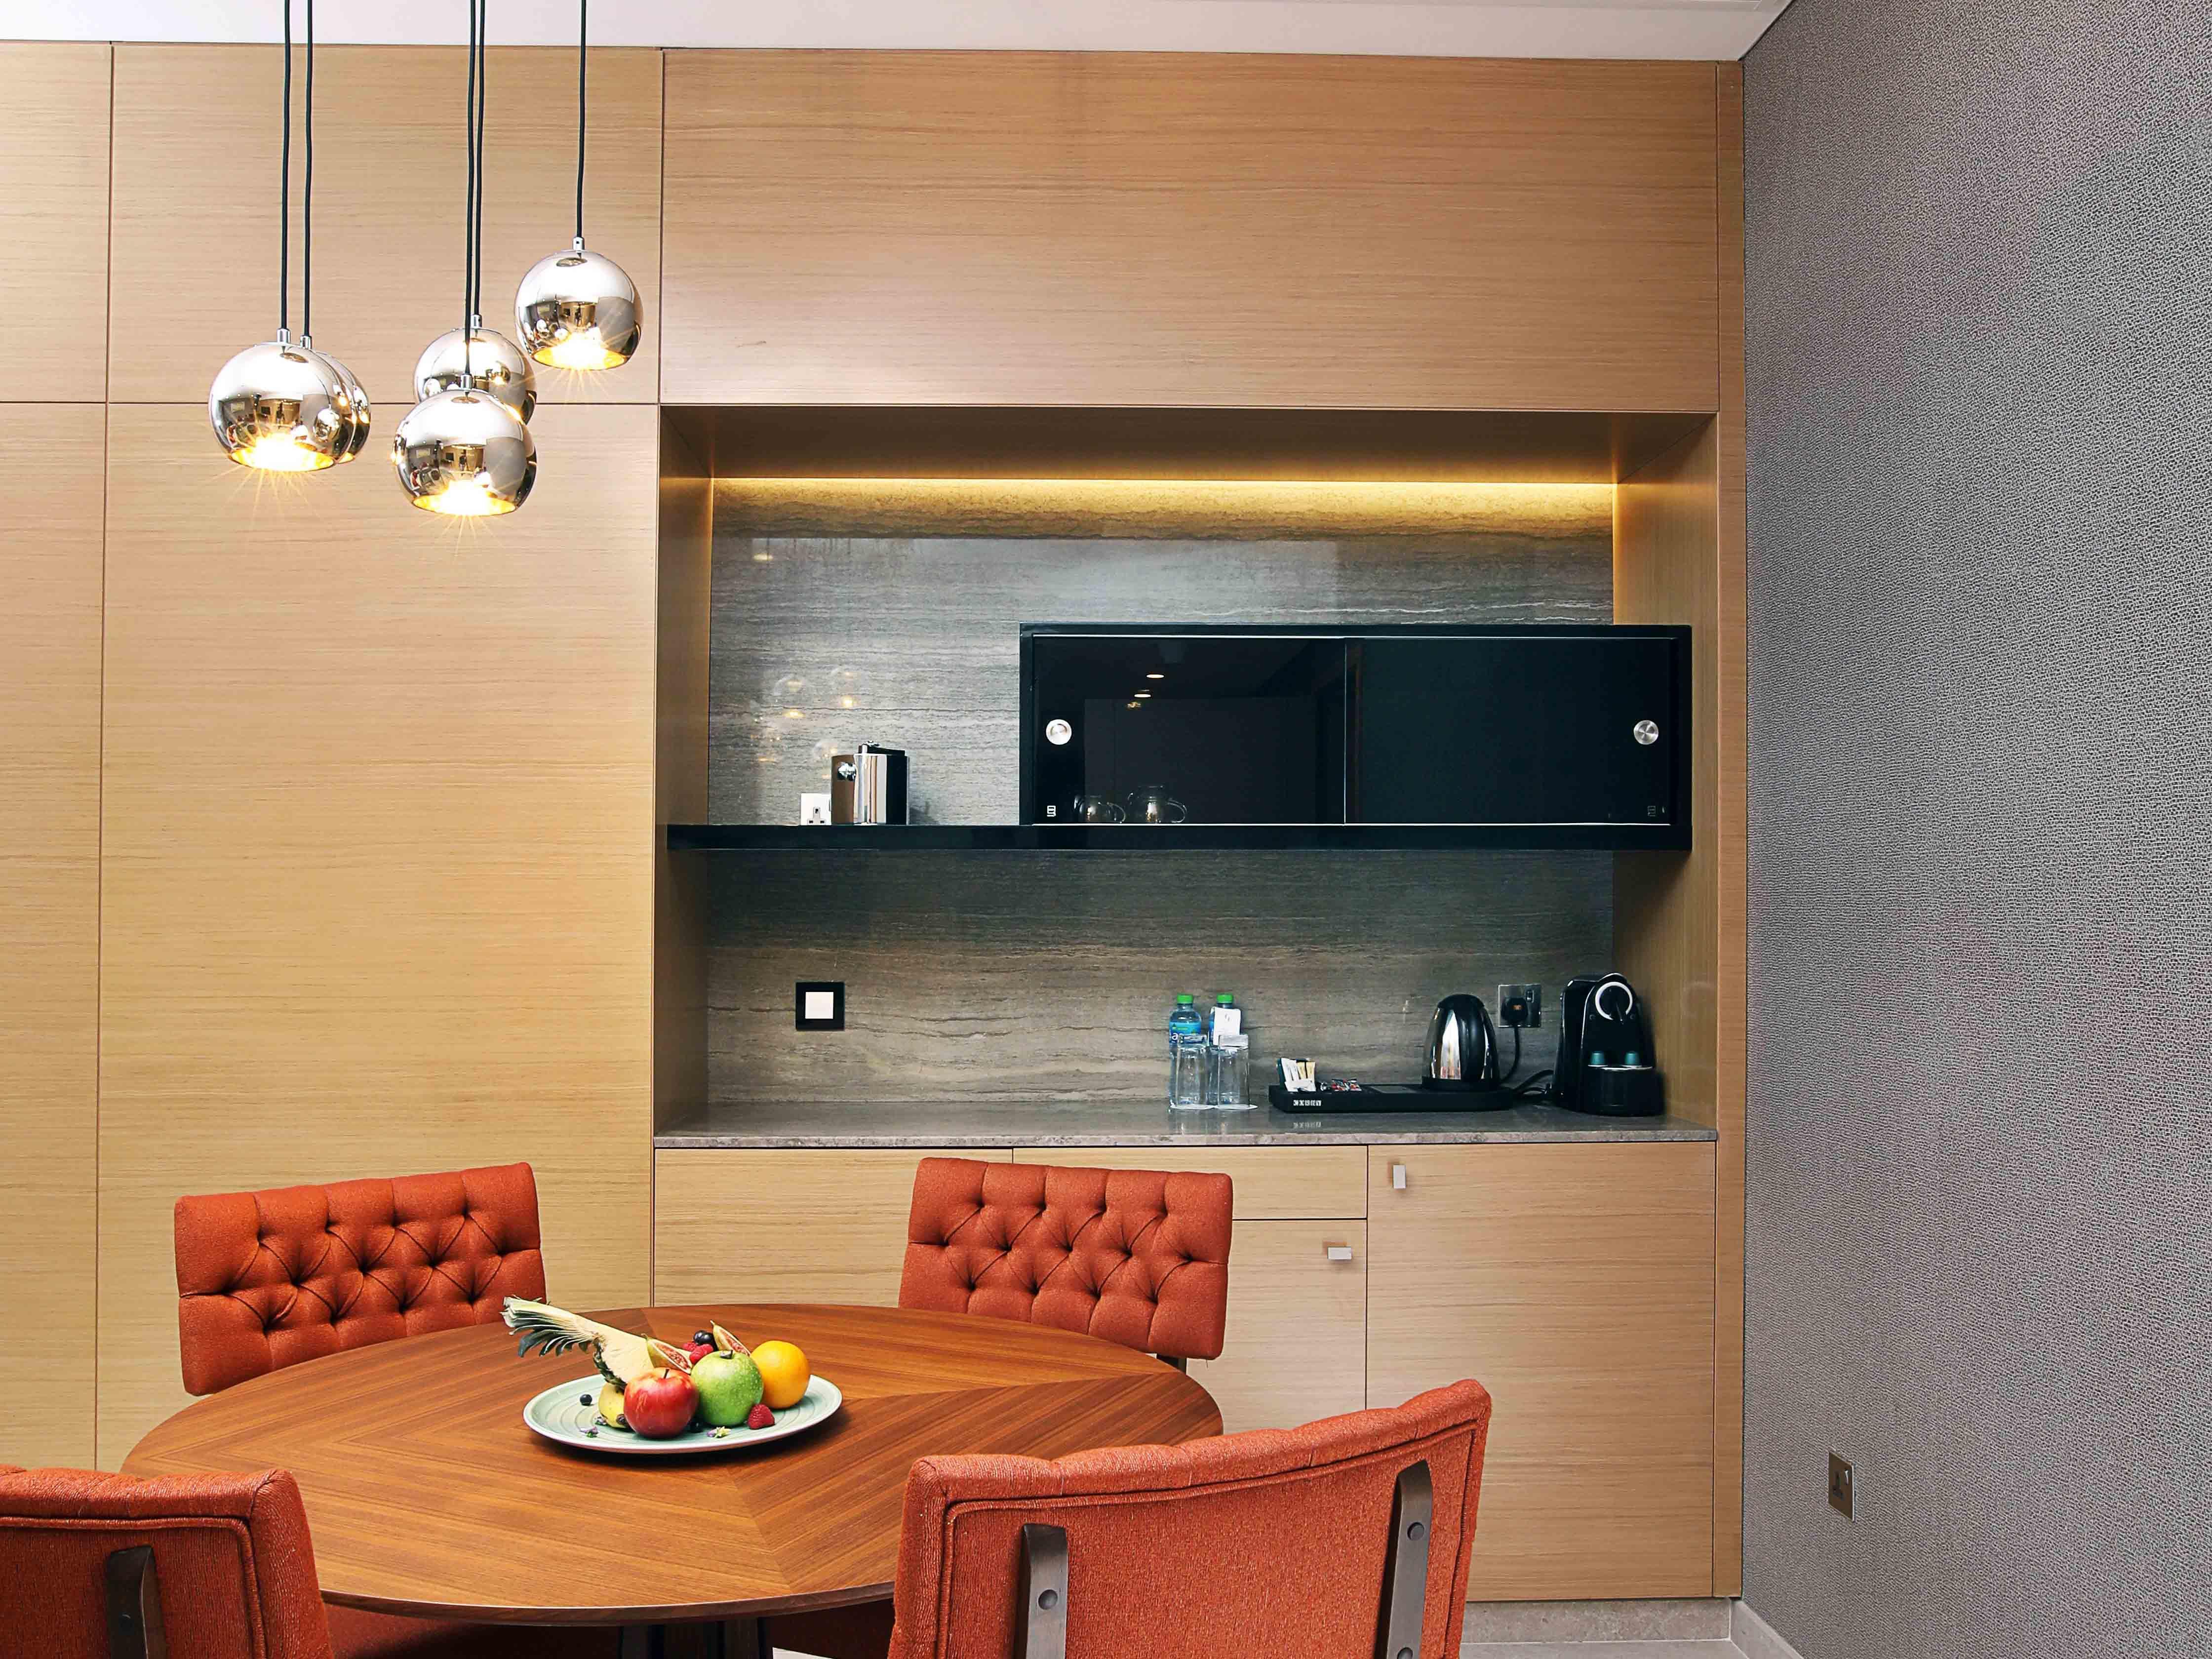 2-Bedroom Grand Suite at Grand Cosmopolitan Hotel in Dubai